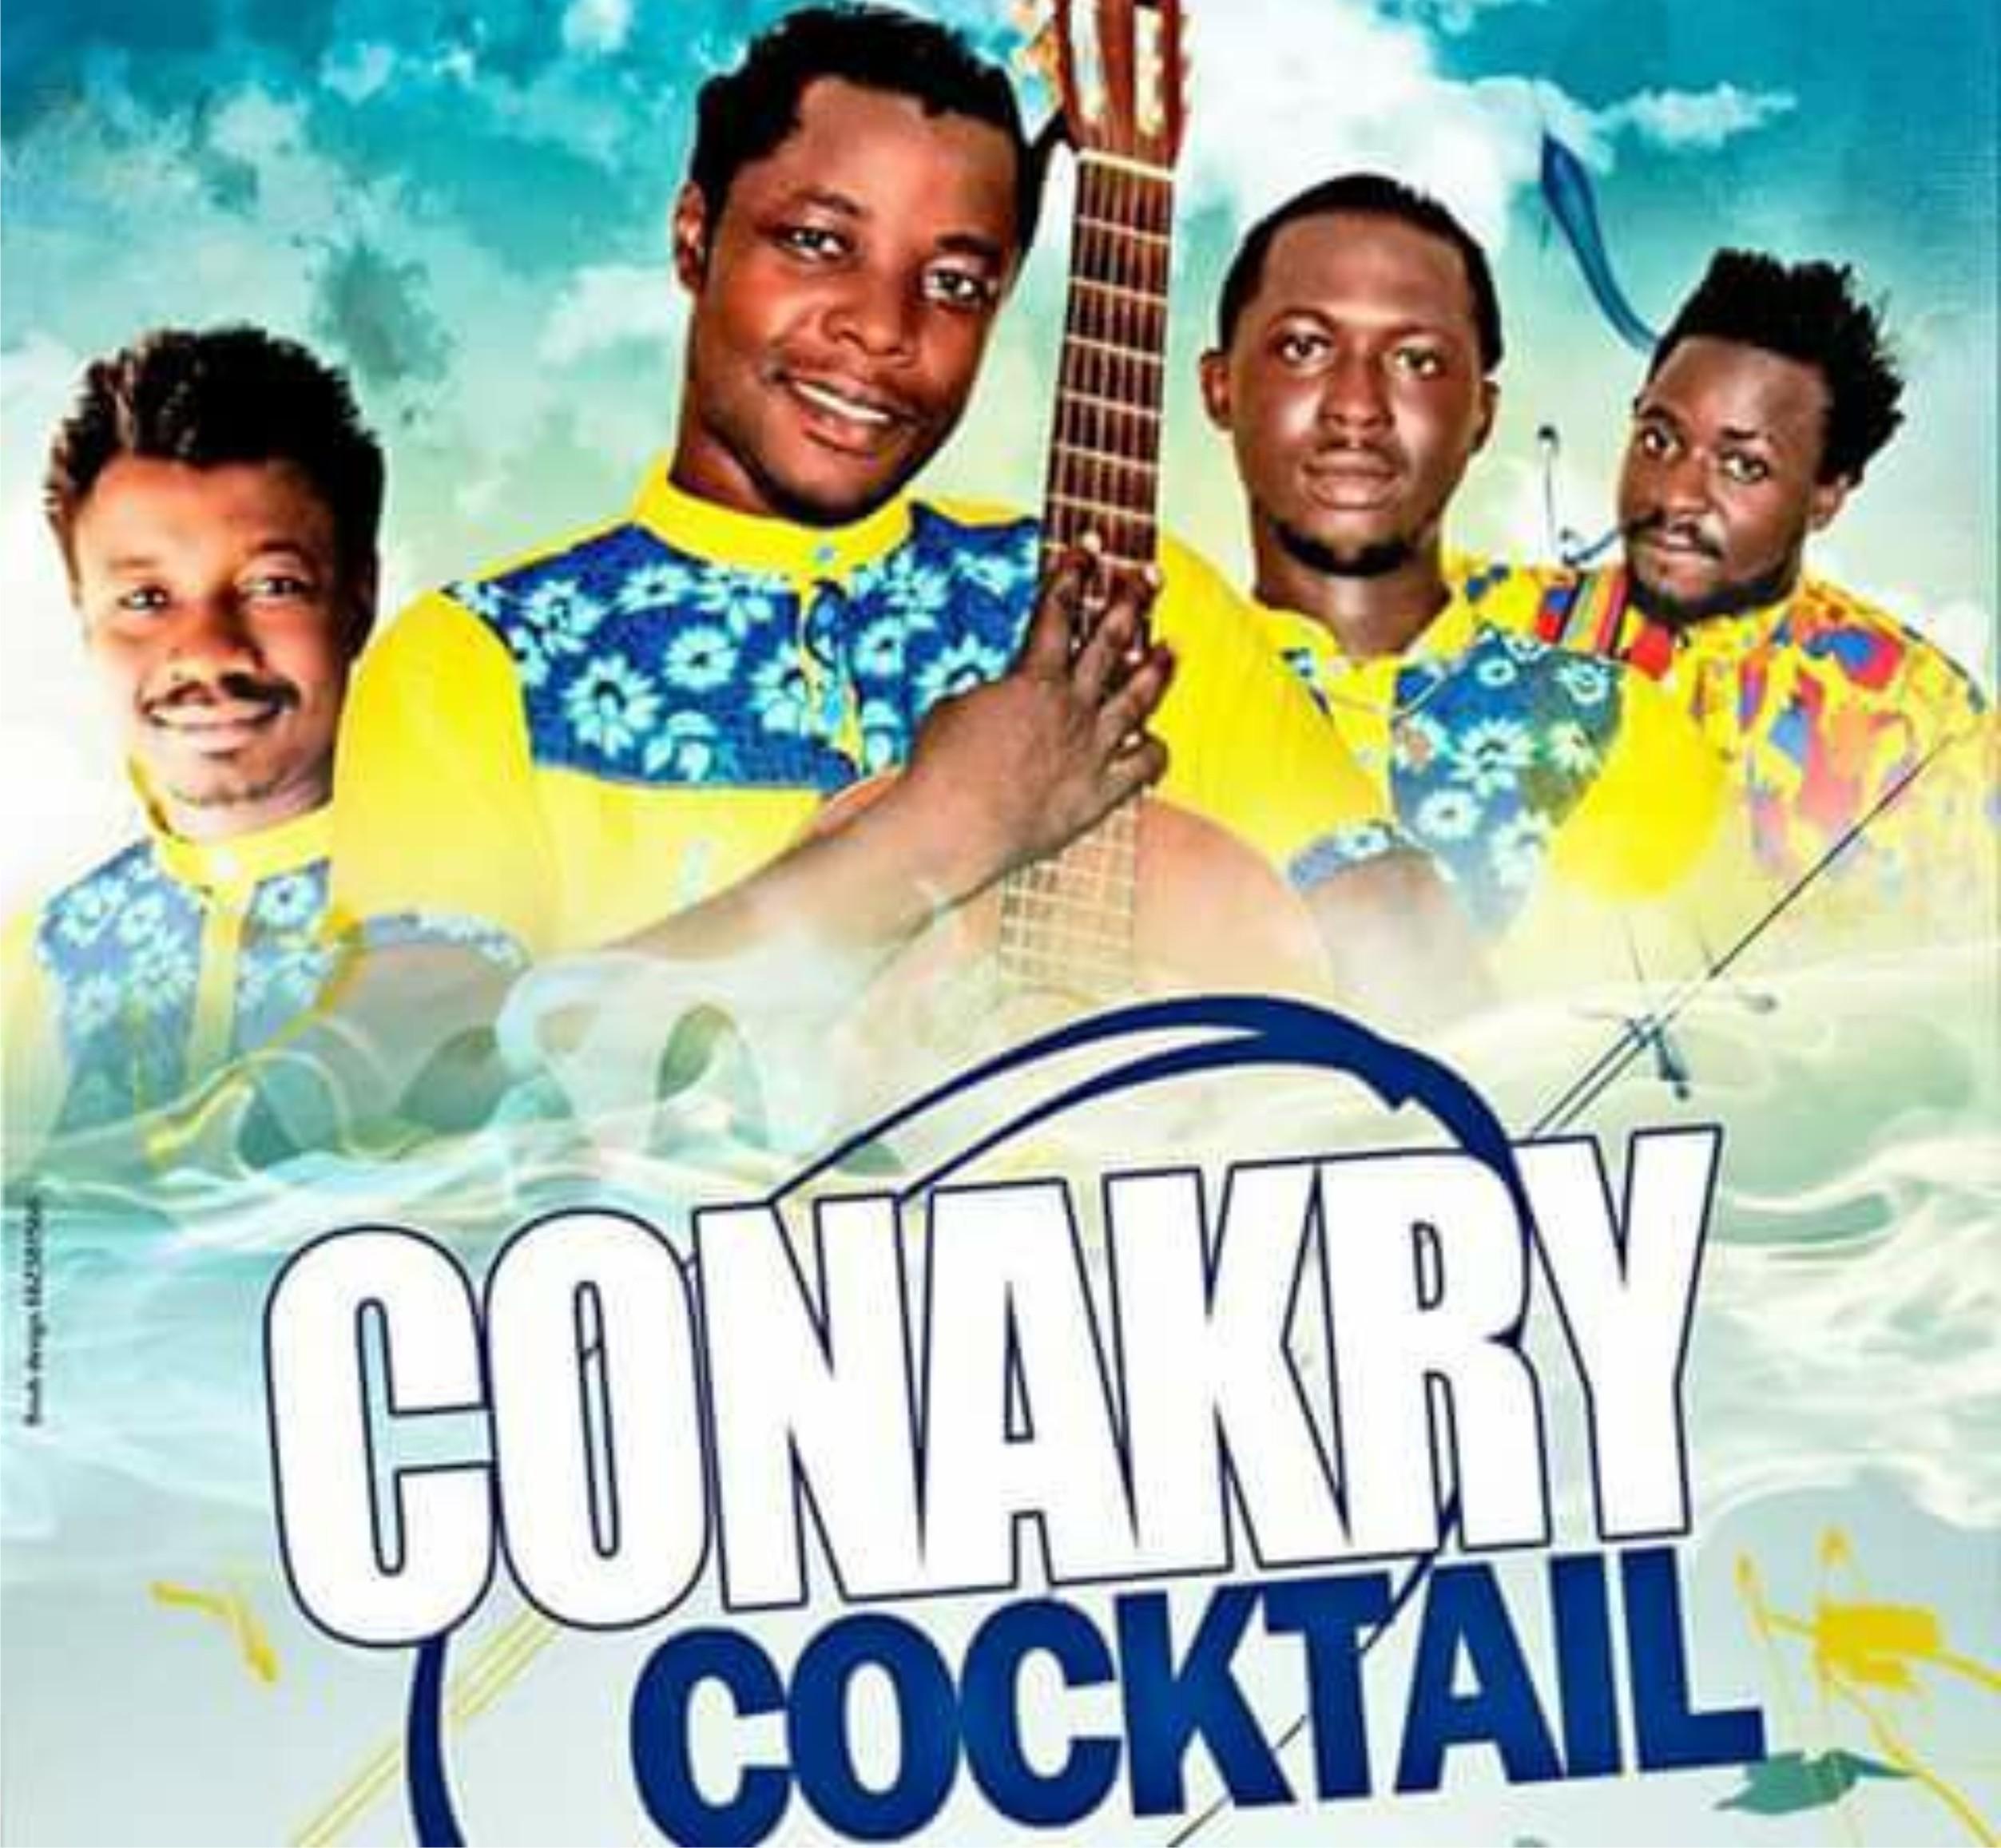 MASA 2018 : Conakry Cocktail représente la Guinée !